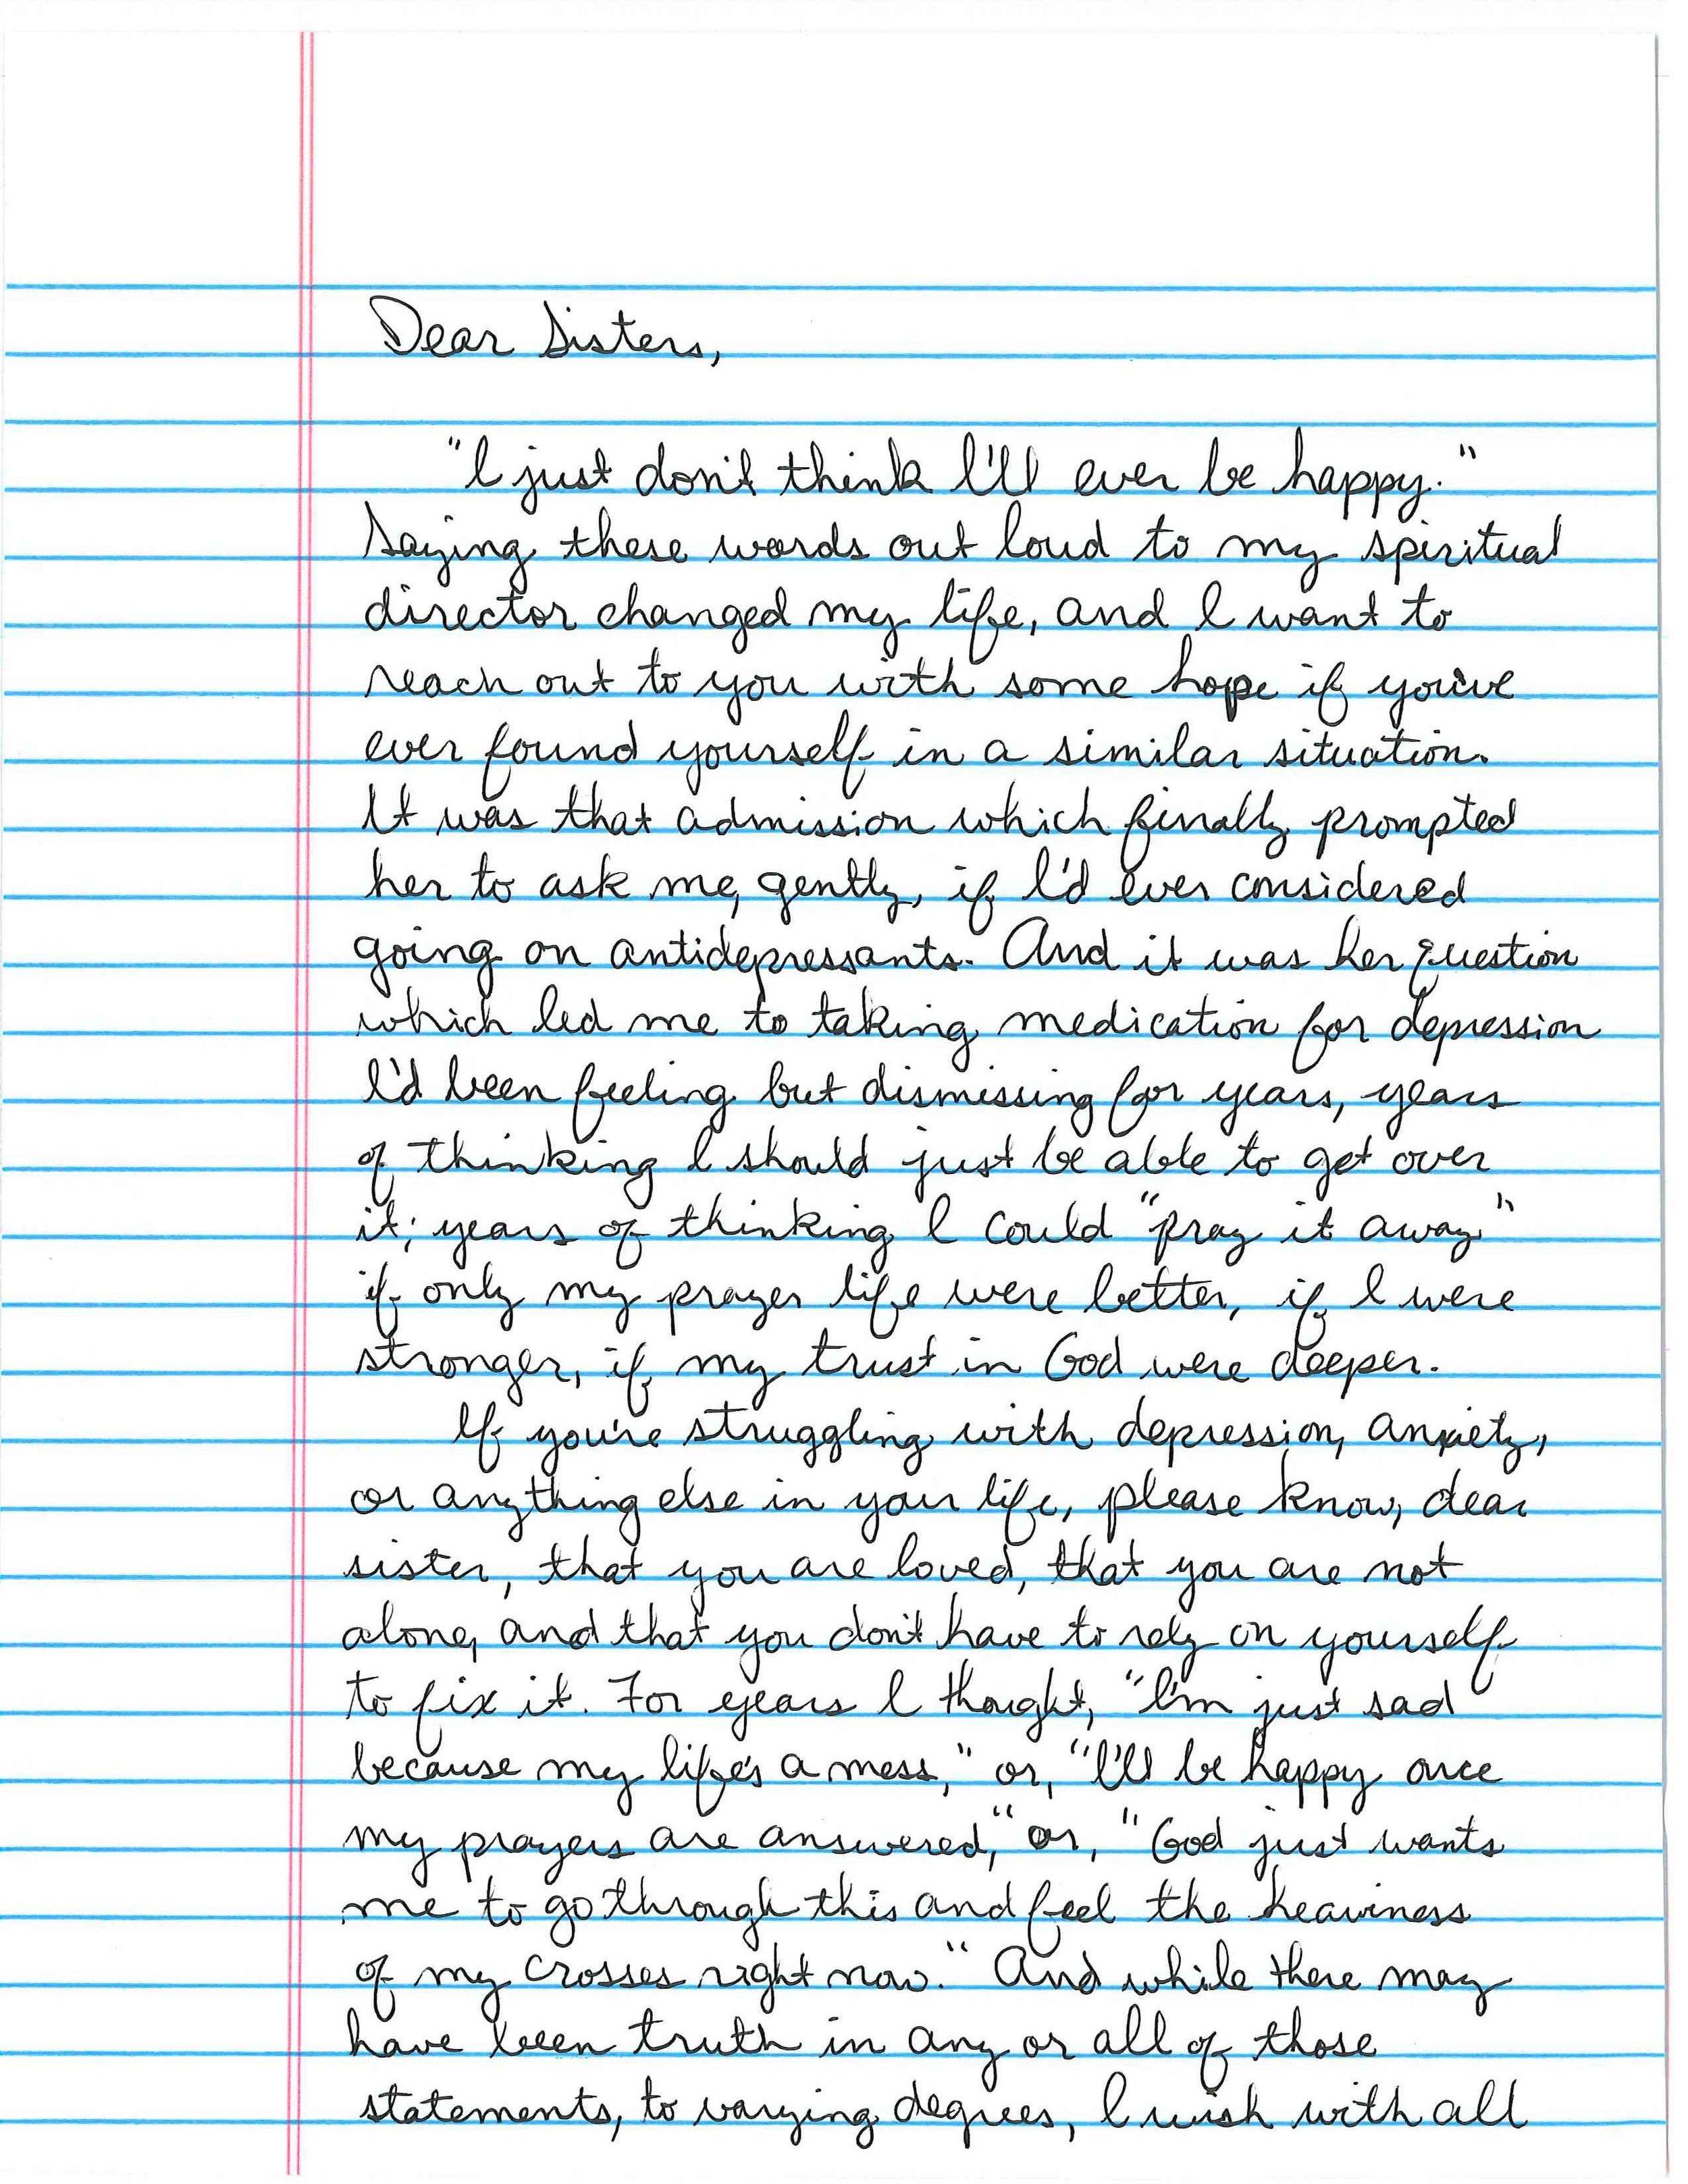 Susie Oppelt Letter pg 1.jpg